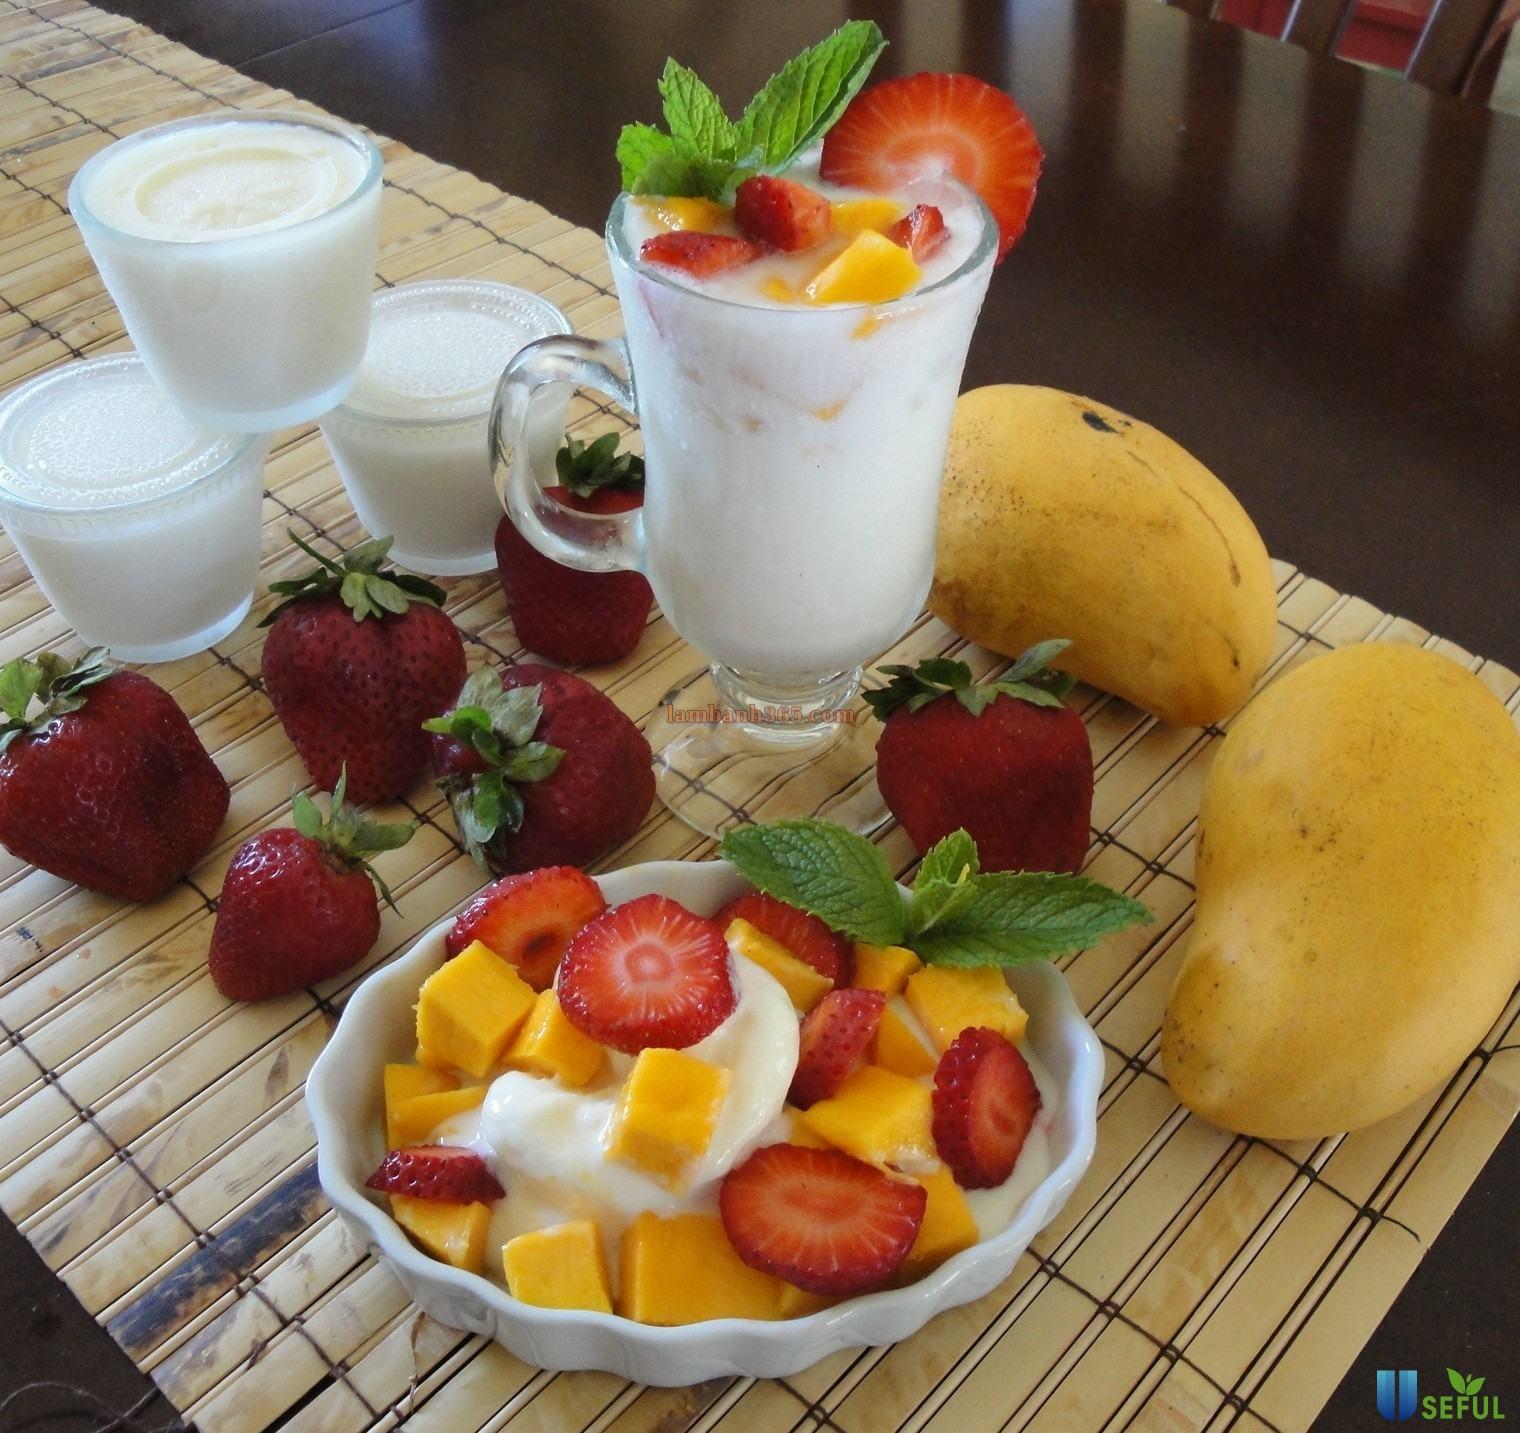 Một dĩa hoa quả dầm sữa chua sẽ giúp bạn giải nhiệt tức thì